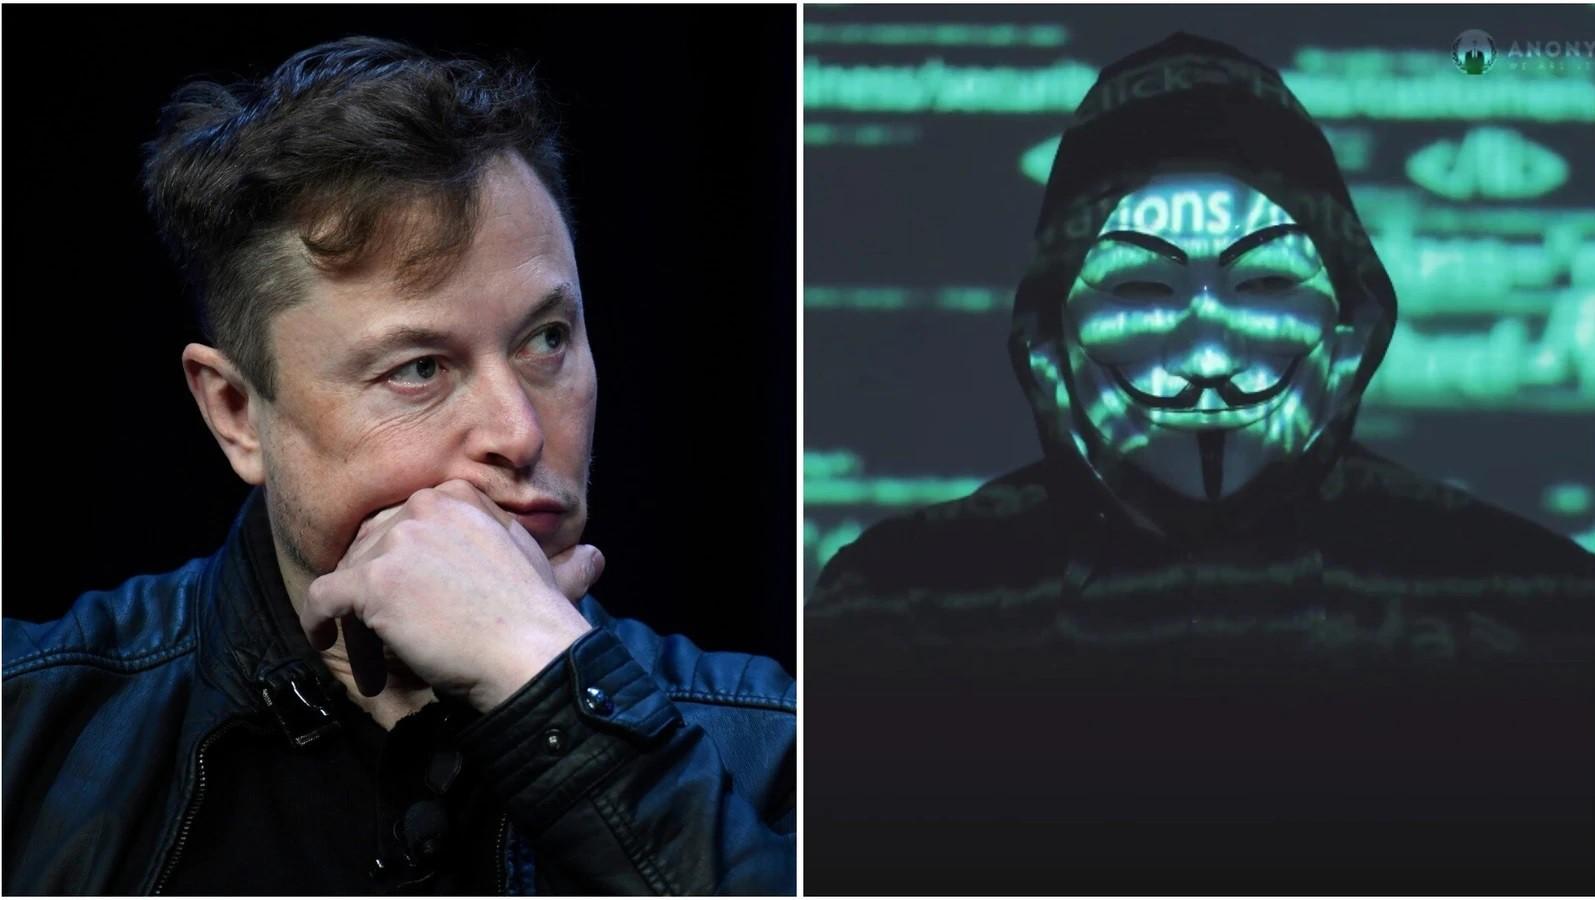 Επίθεση των Anonymous σε Tesla και Elon Musk με βίντεο